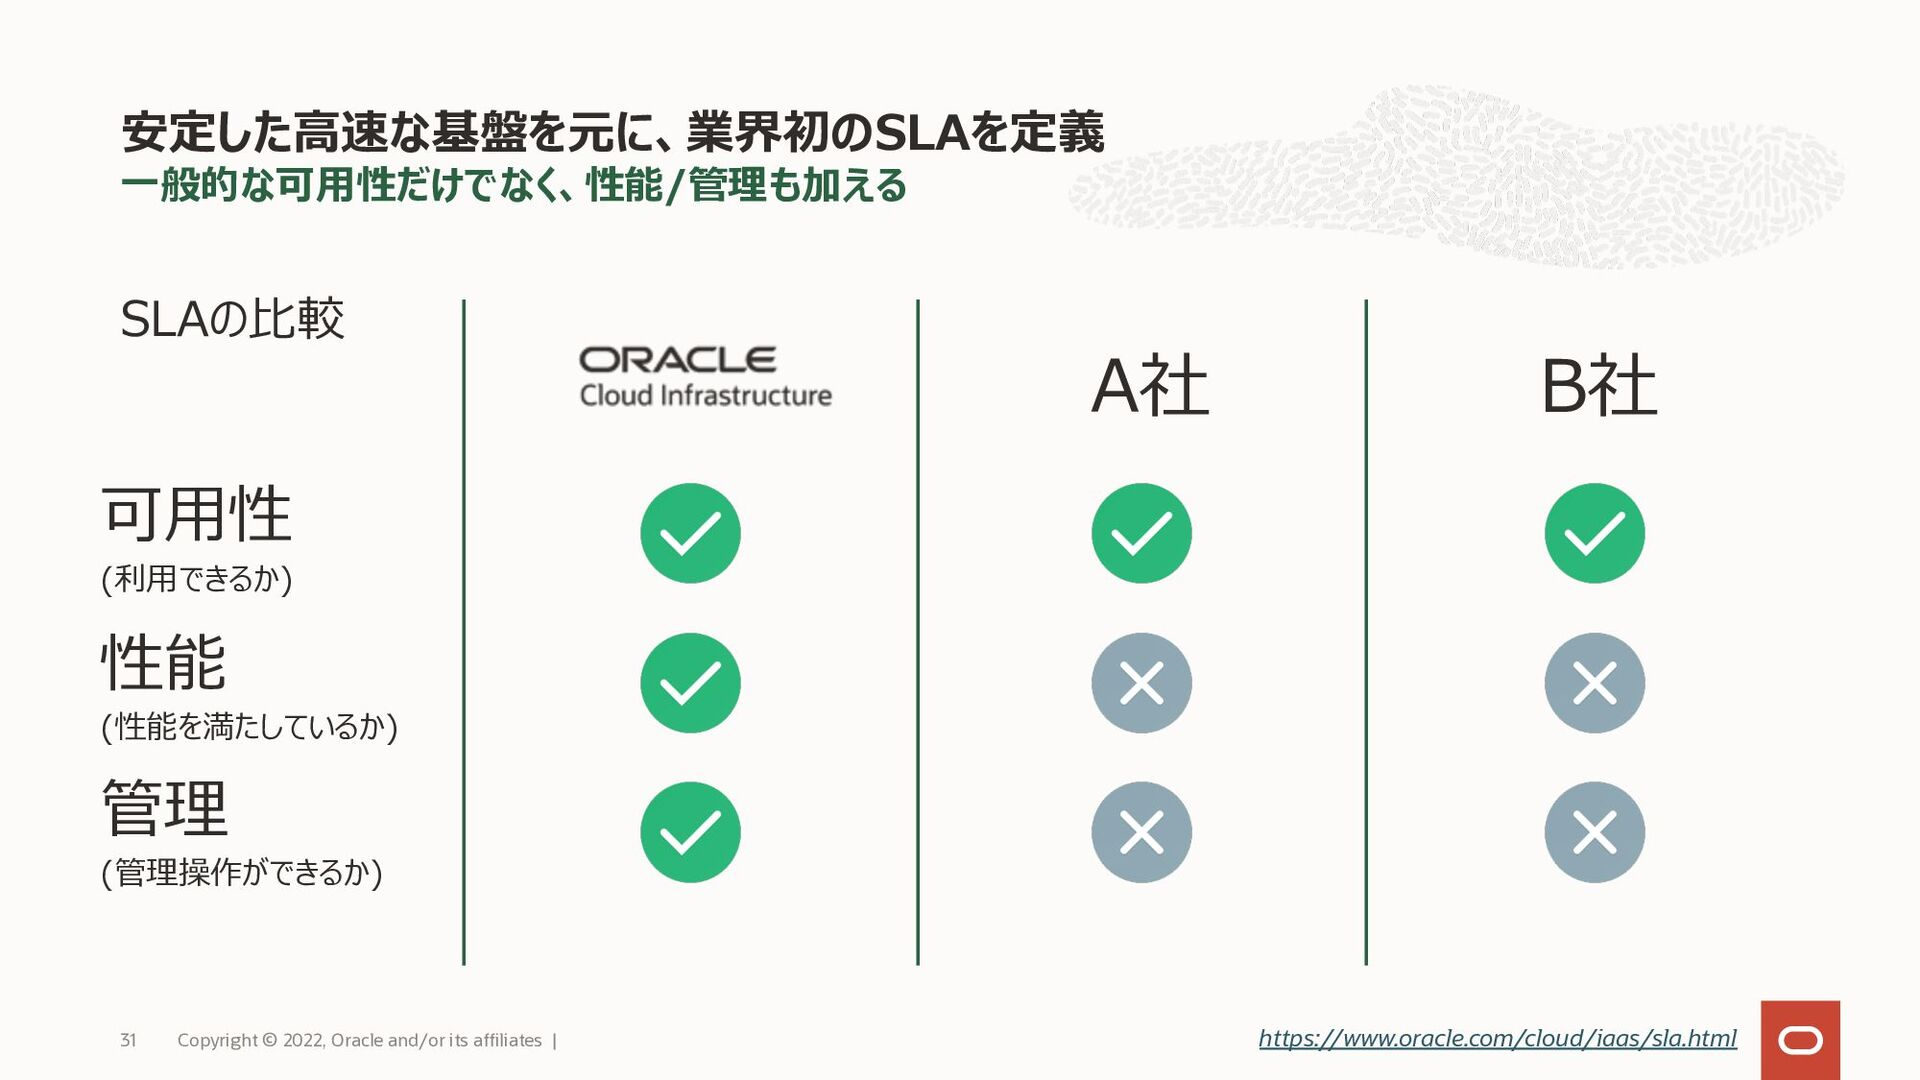 ⾼いパフォーマンスと安定性を実現するネットワークデザイン 第⼀世代クラウド 階層型ネットワーク...